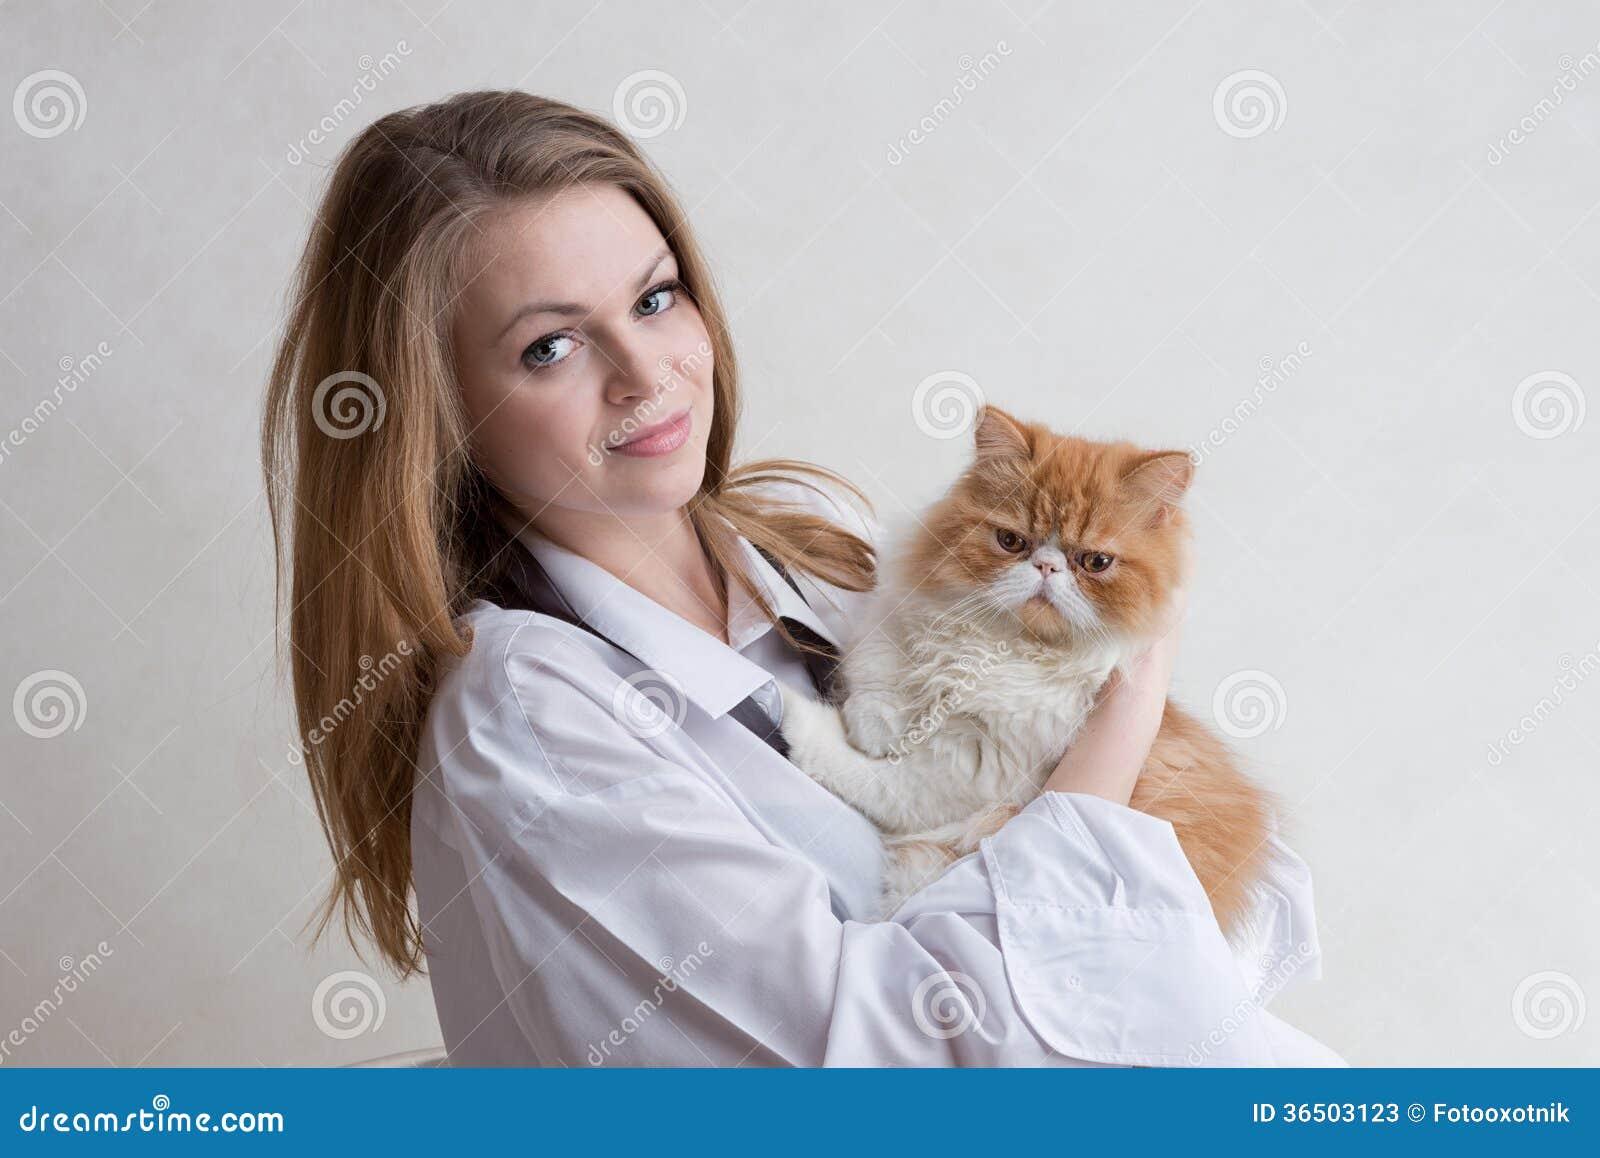 Ładna dziewczyna z czerwonym kotem na rękach